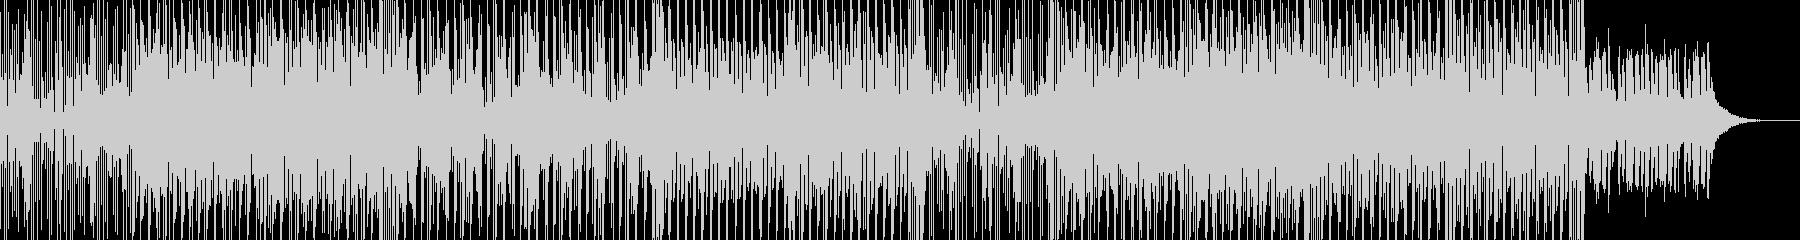 軽快なリズムと切ないメロディが印象的の未再生の波形